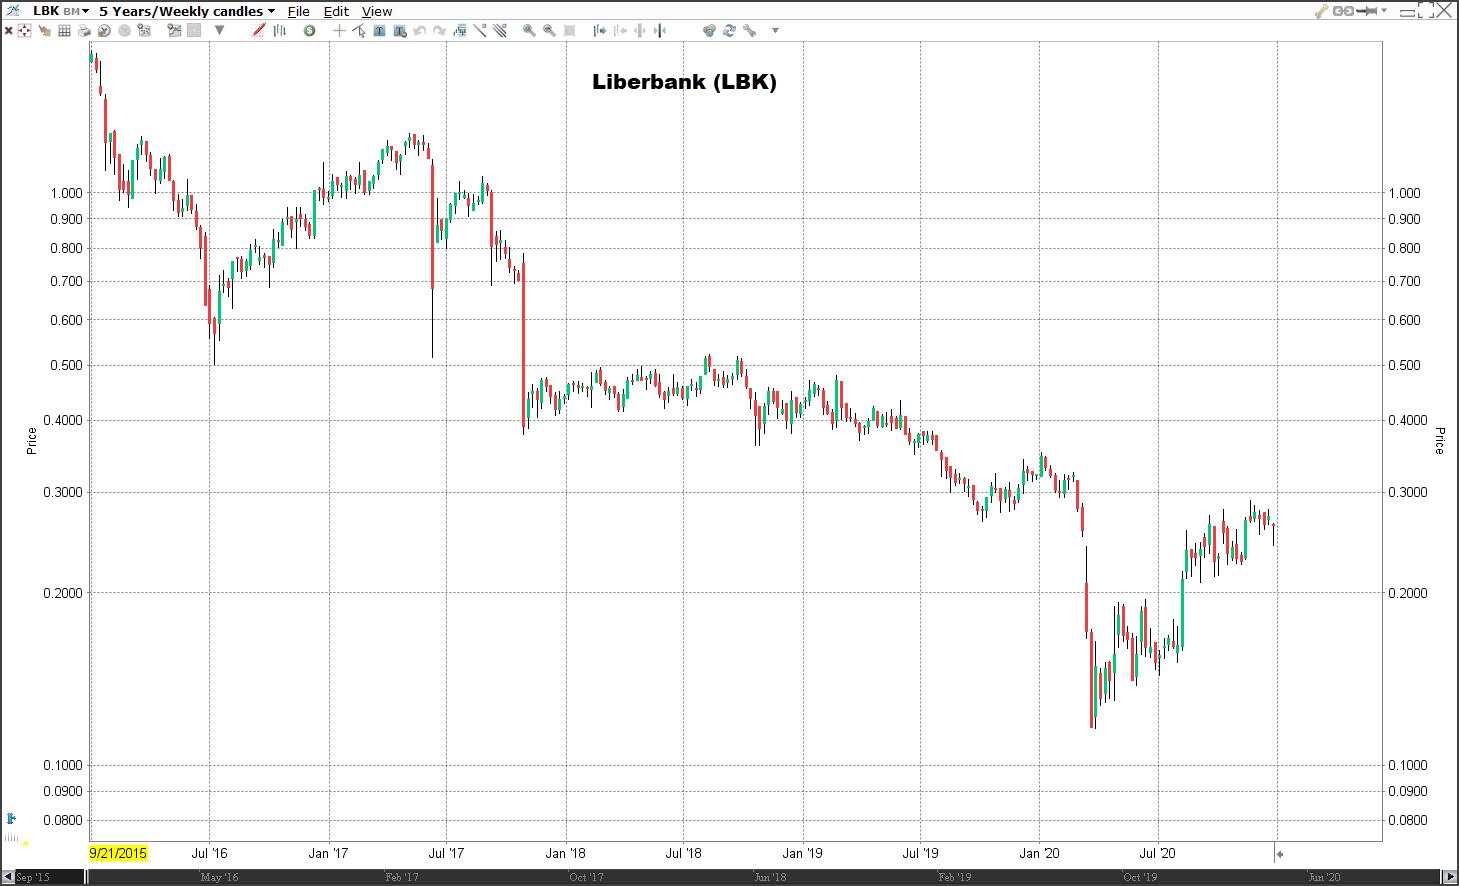 Aandeel Liberbank koers   Welke aandelen kopen 2021?